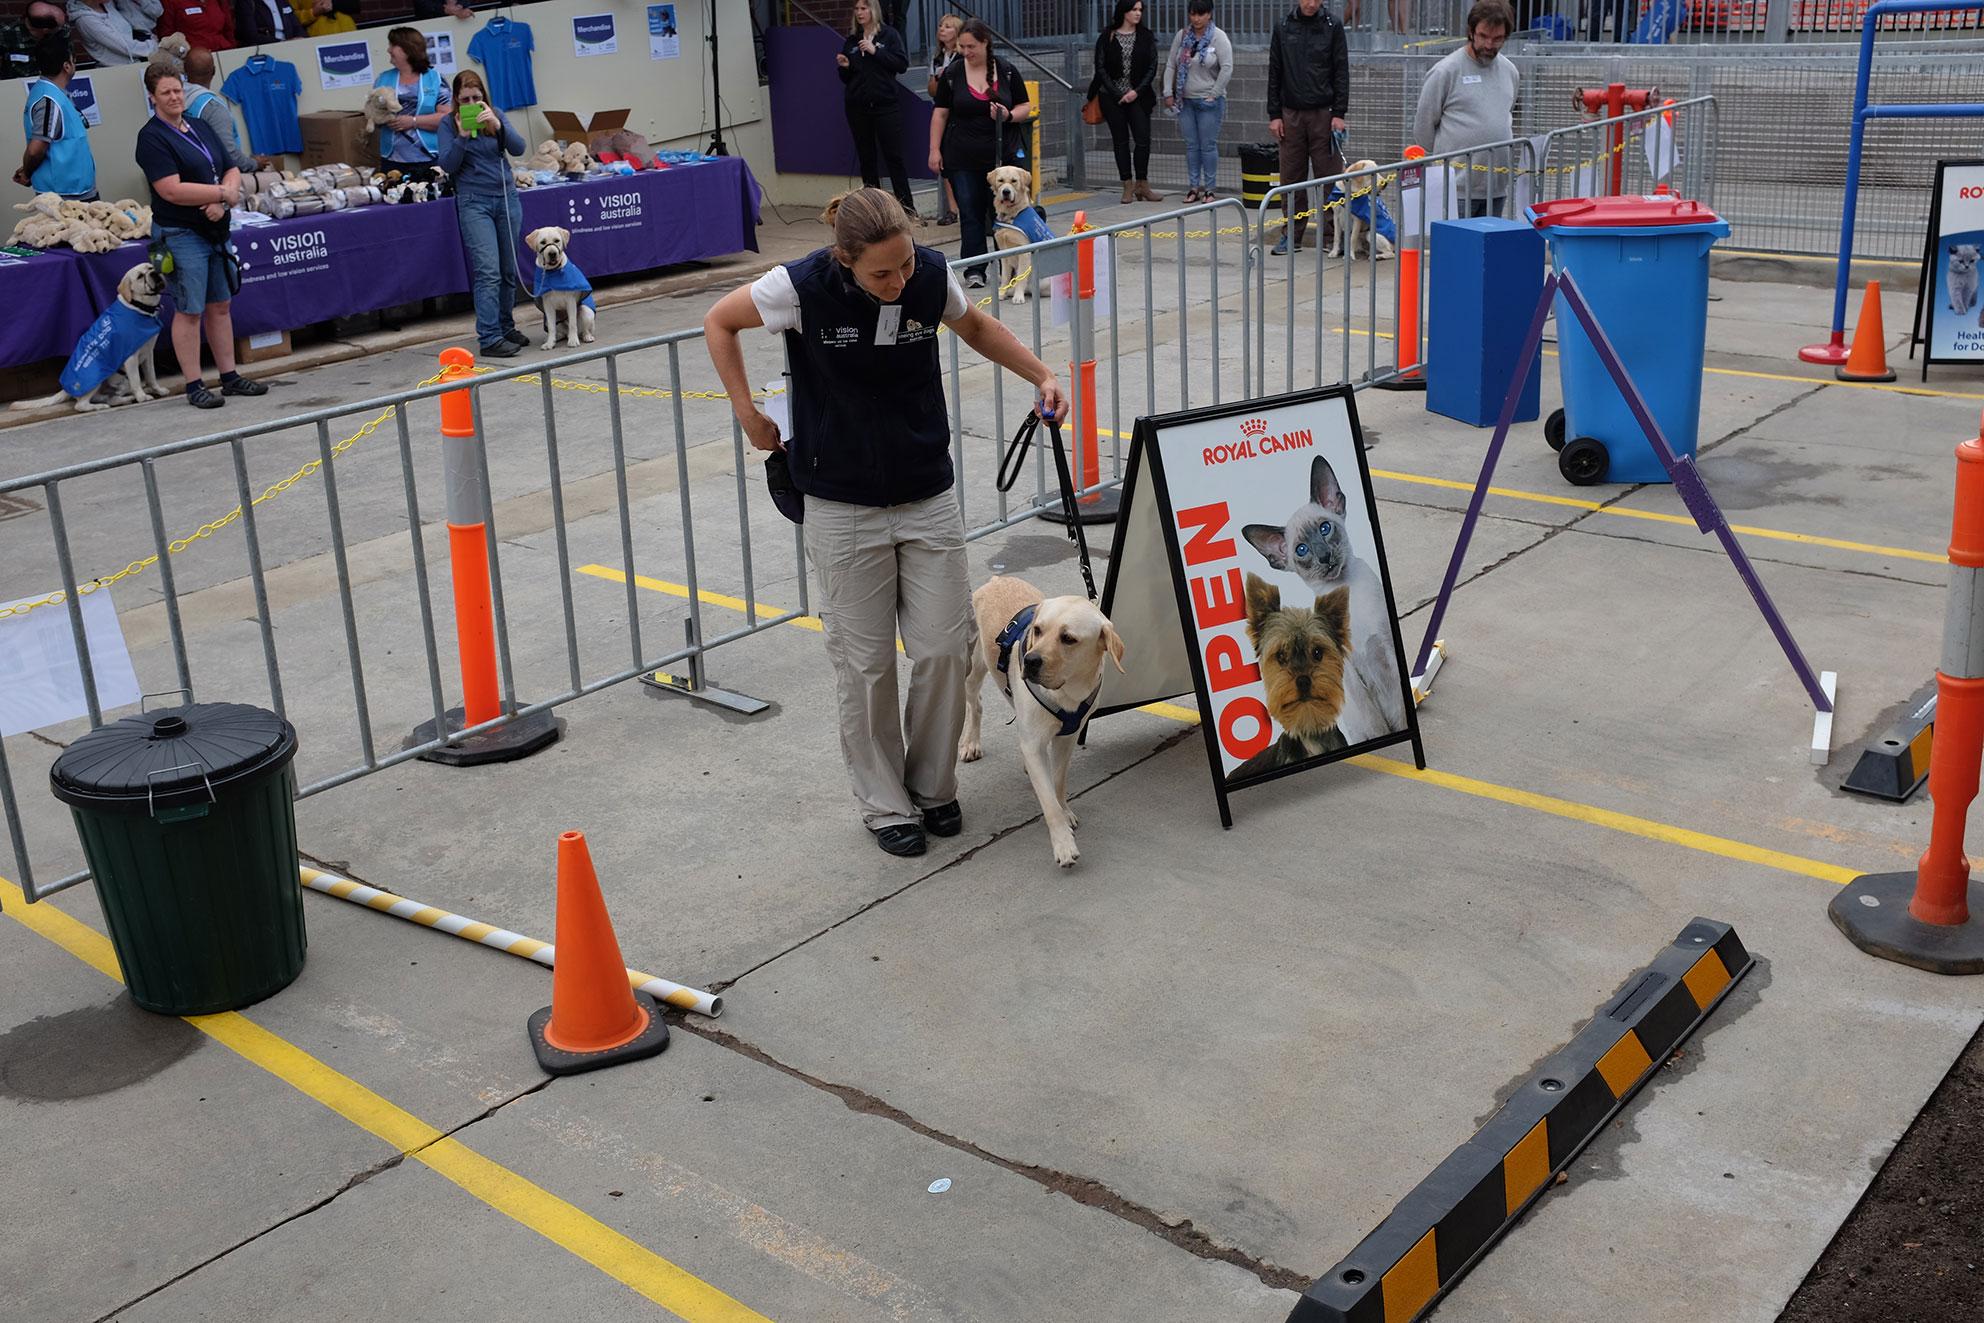 Service dog training program for veterans k9 partners for.